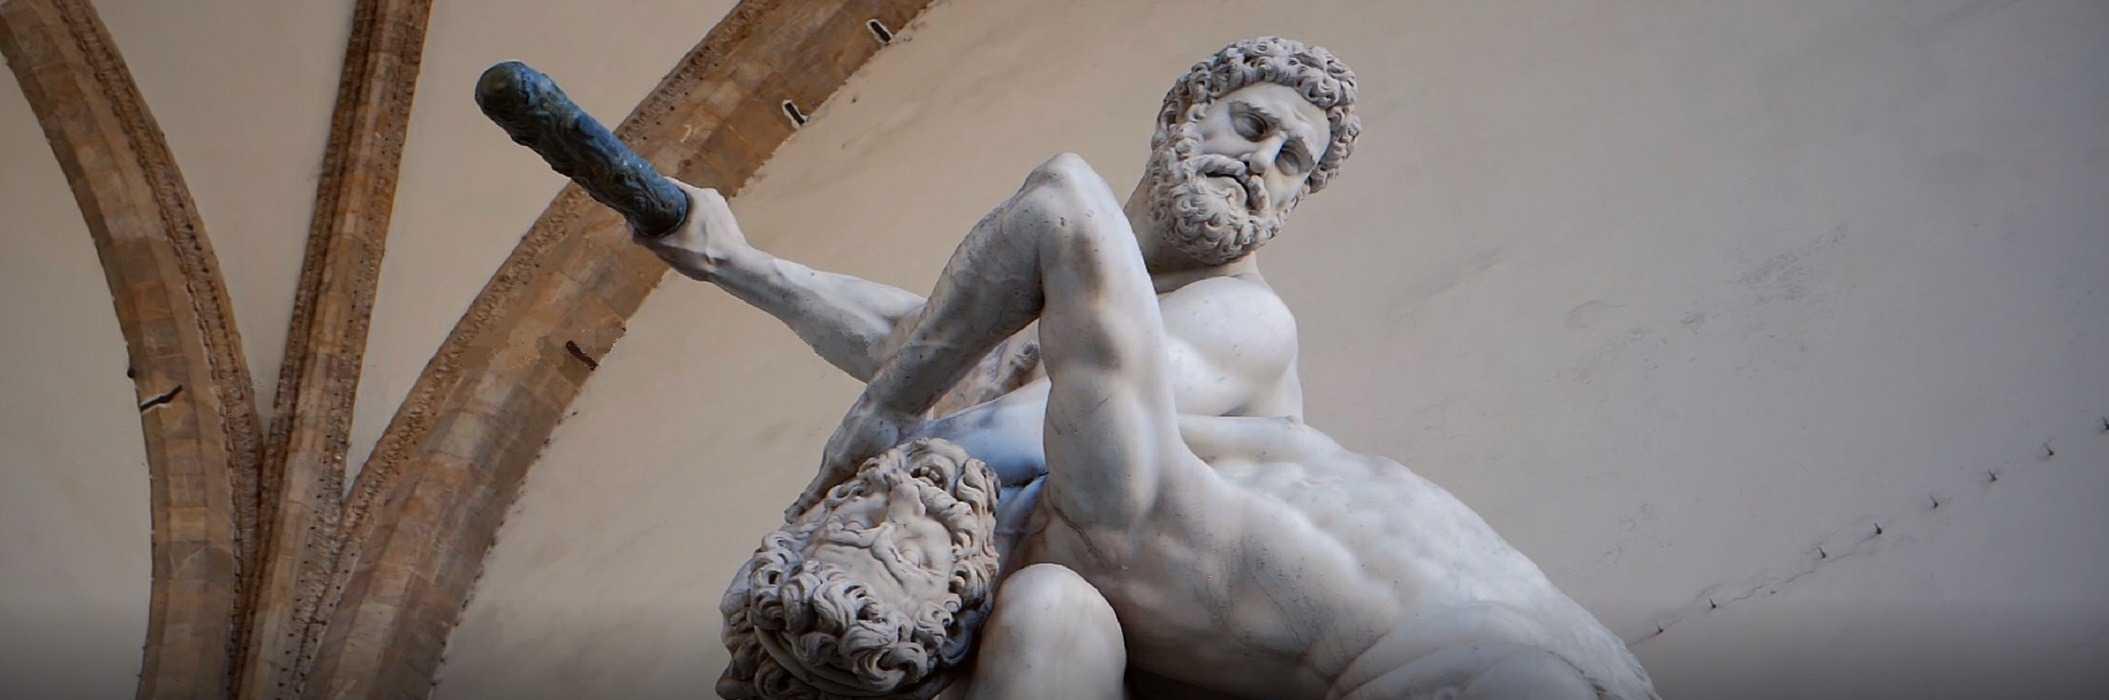 Digitalizzazione 3D & analisi di beni artistici e culturali